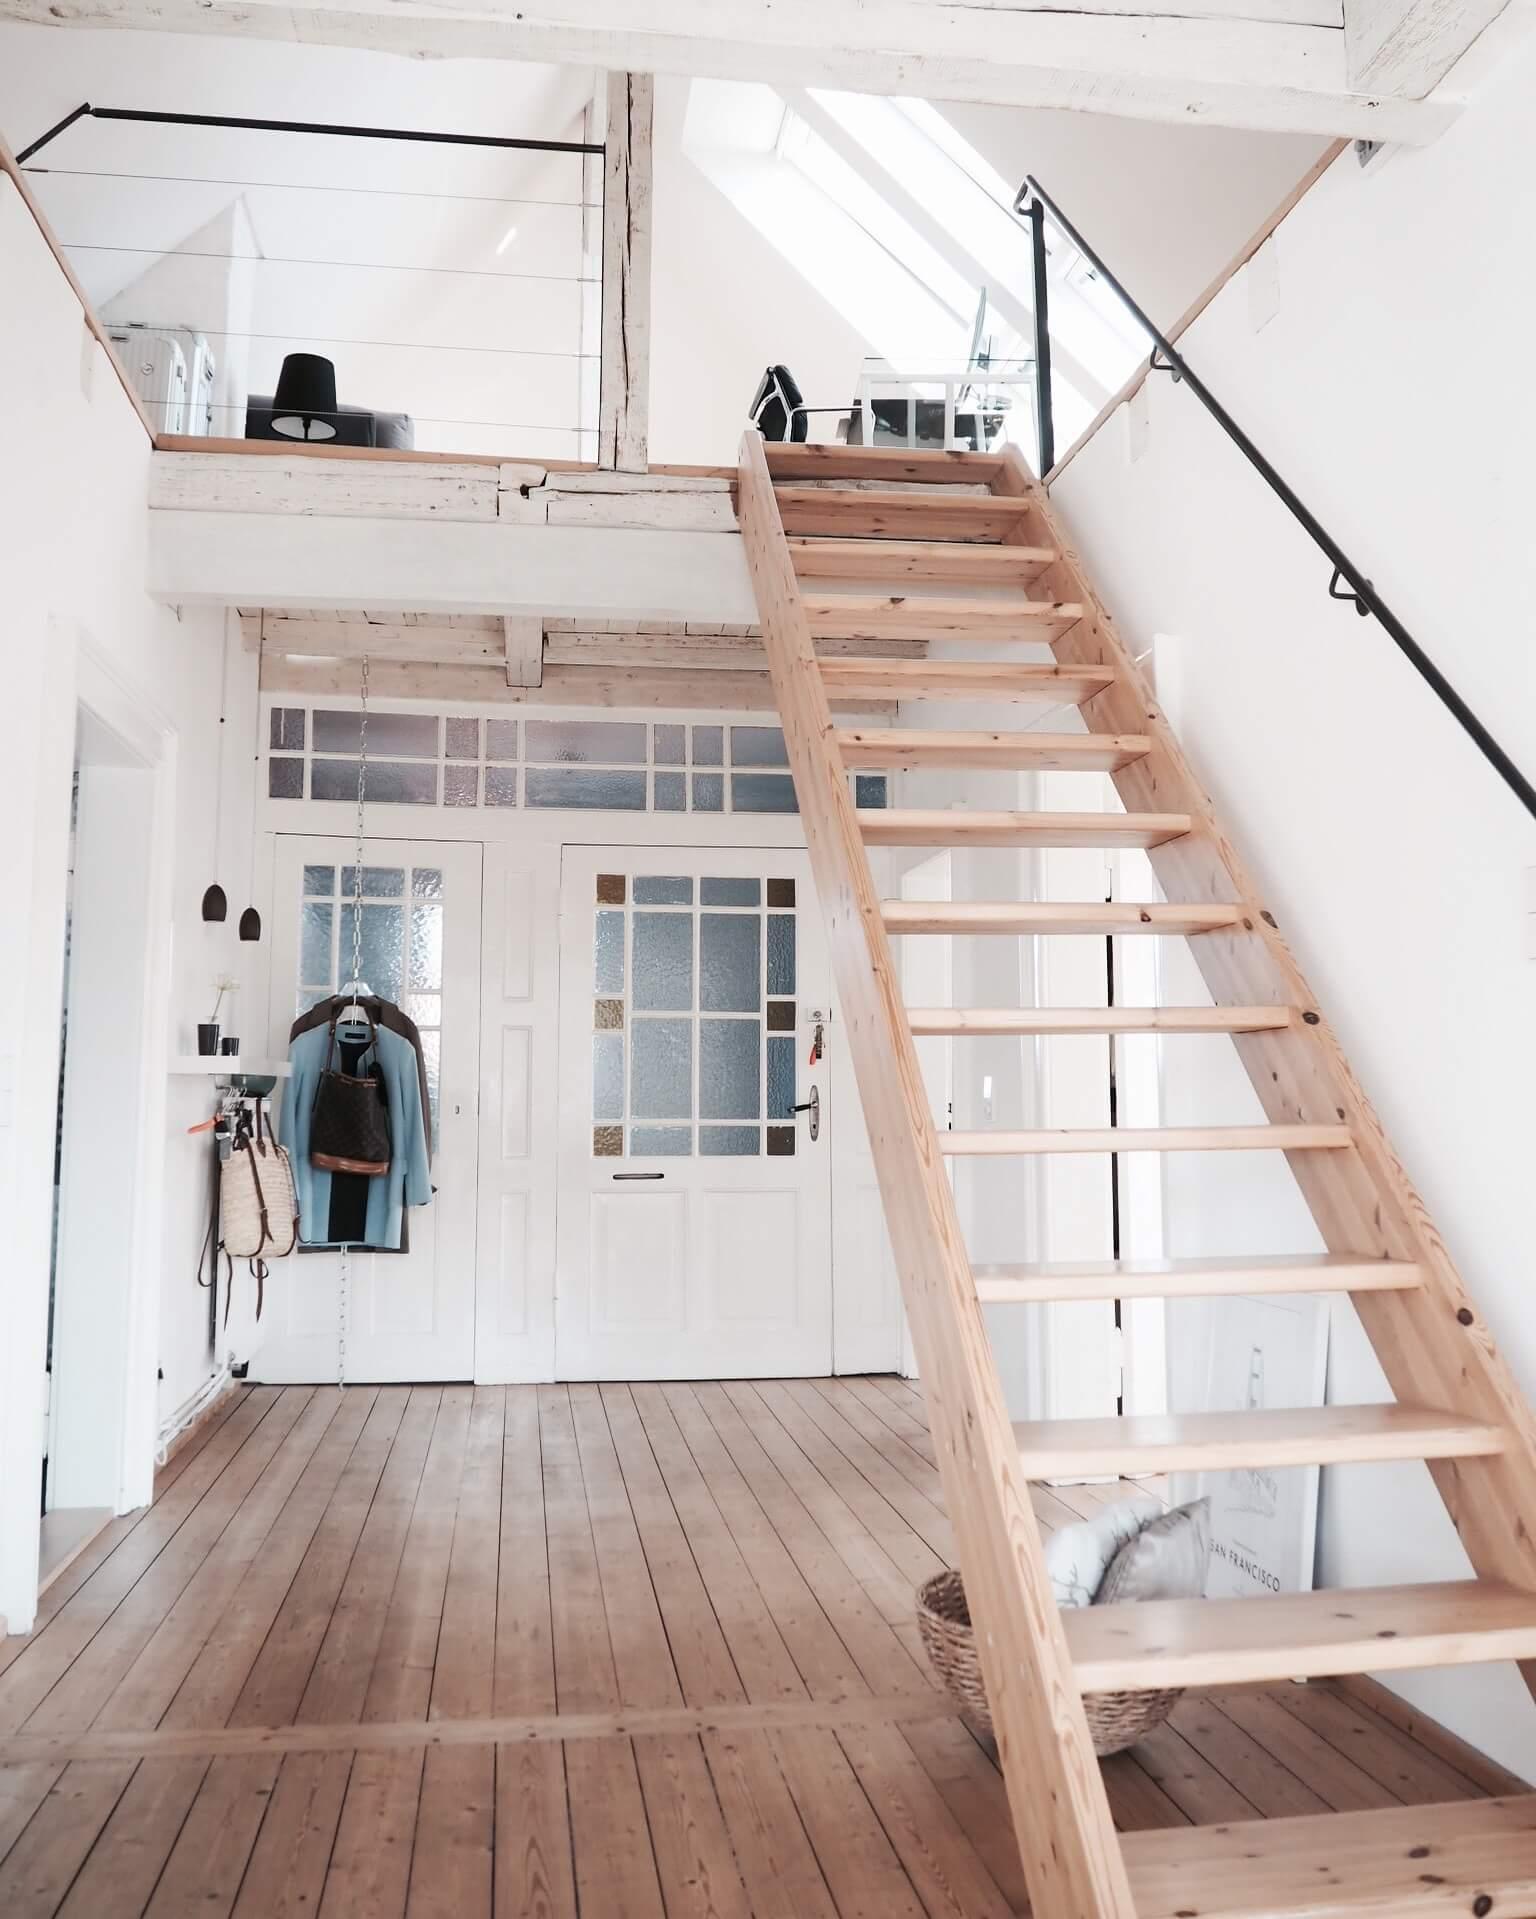 gemutliches zuhause dielenboden, wohn.glück - interior design hamburg | ein wochenende mit karlas_view, Design ideen